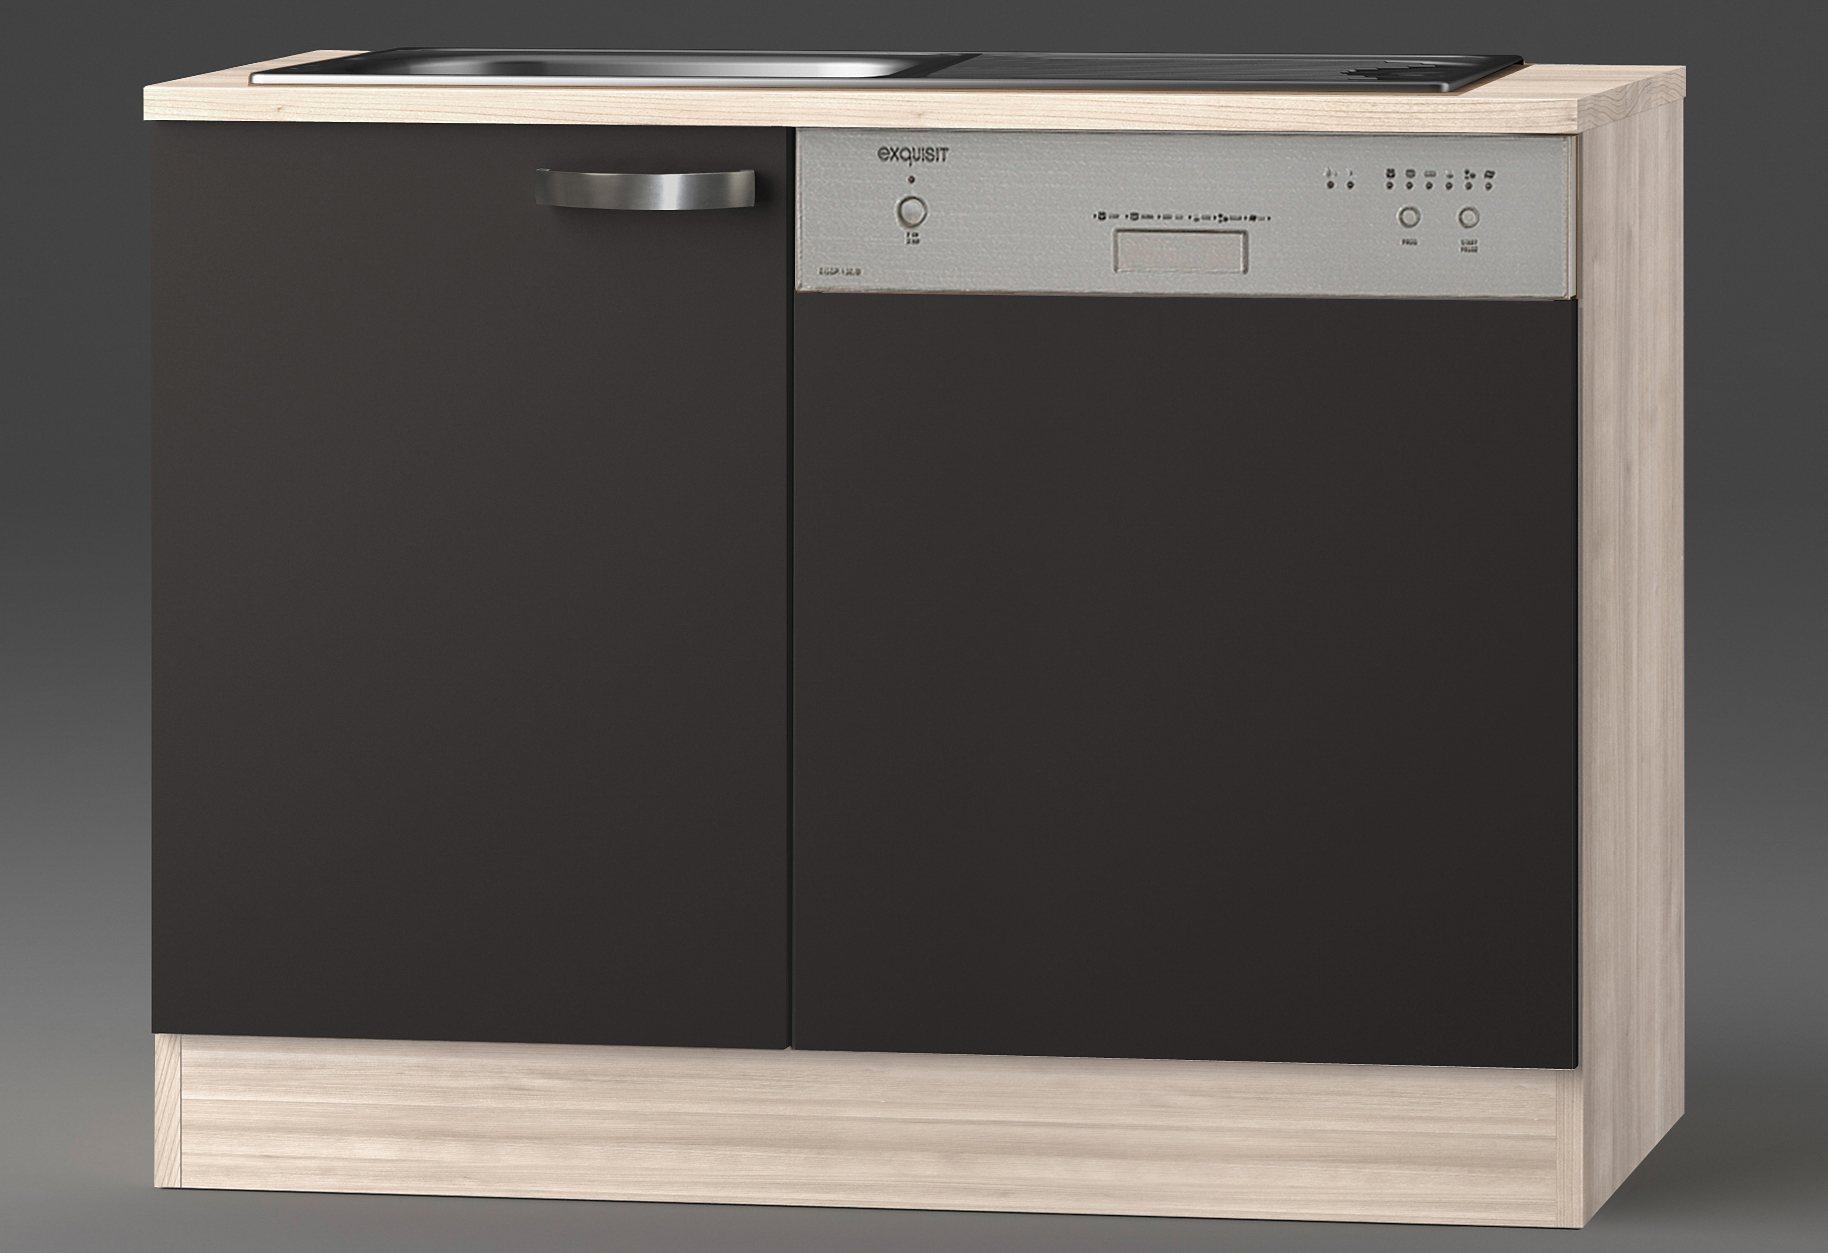 Optifit Spülenschrank »Skagen«, Breite 110 cm | Küche und Esszimmer > Küchenschränke > Spülenschränke | Holzwerkstoff - Metall | OPTIFIT